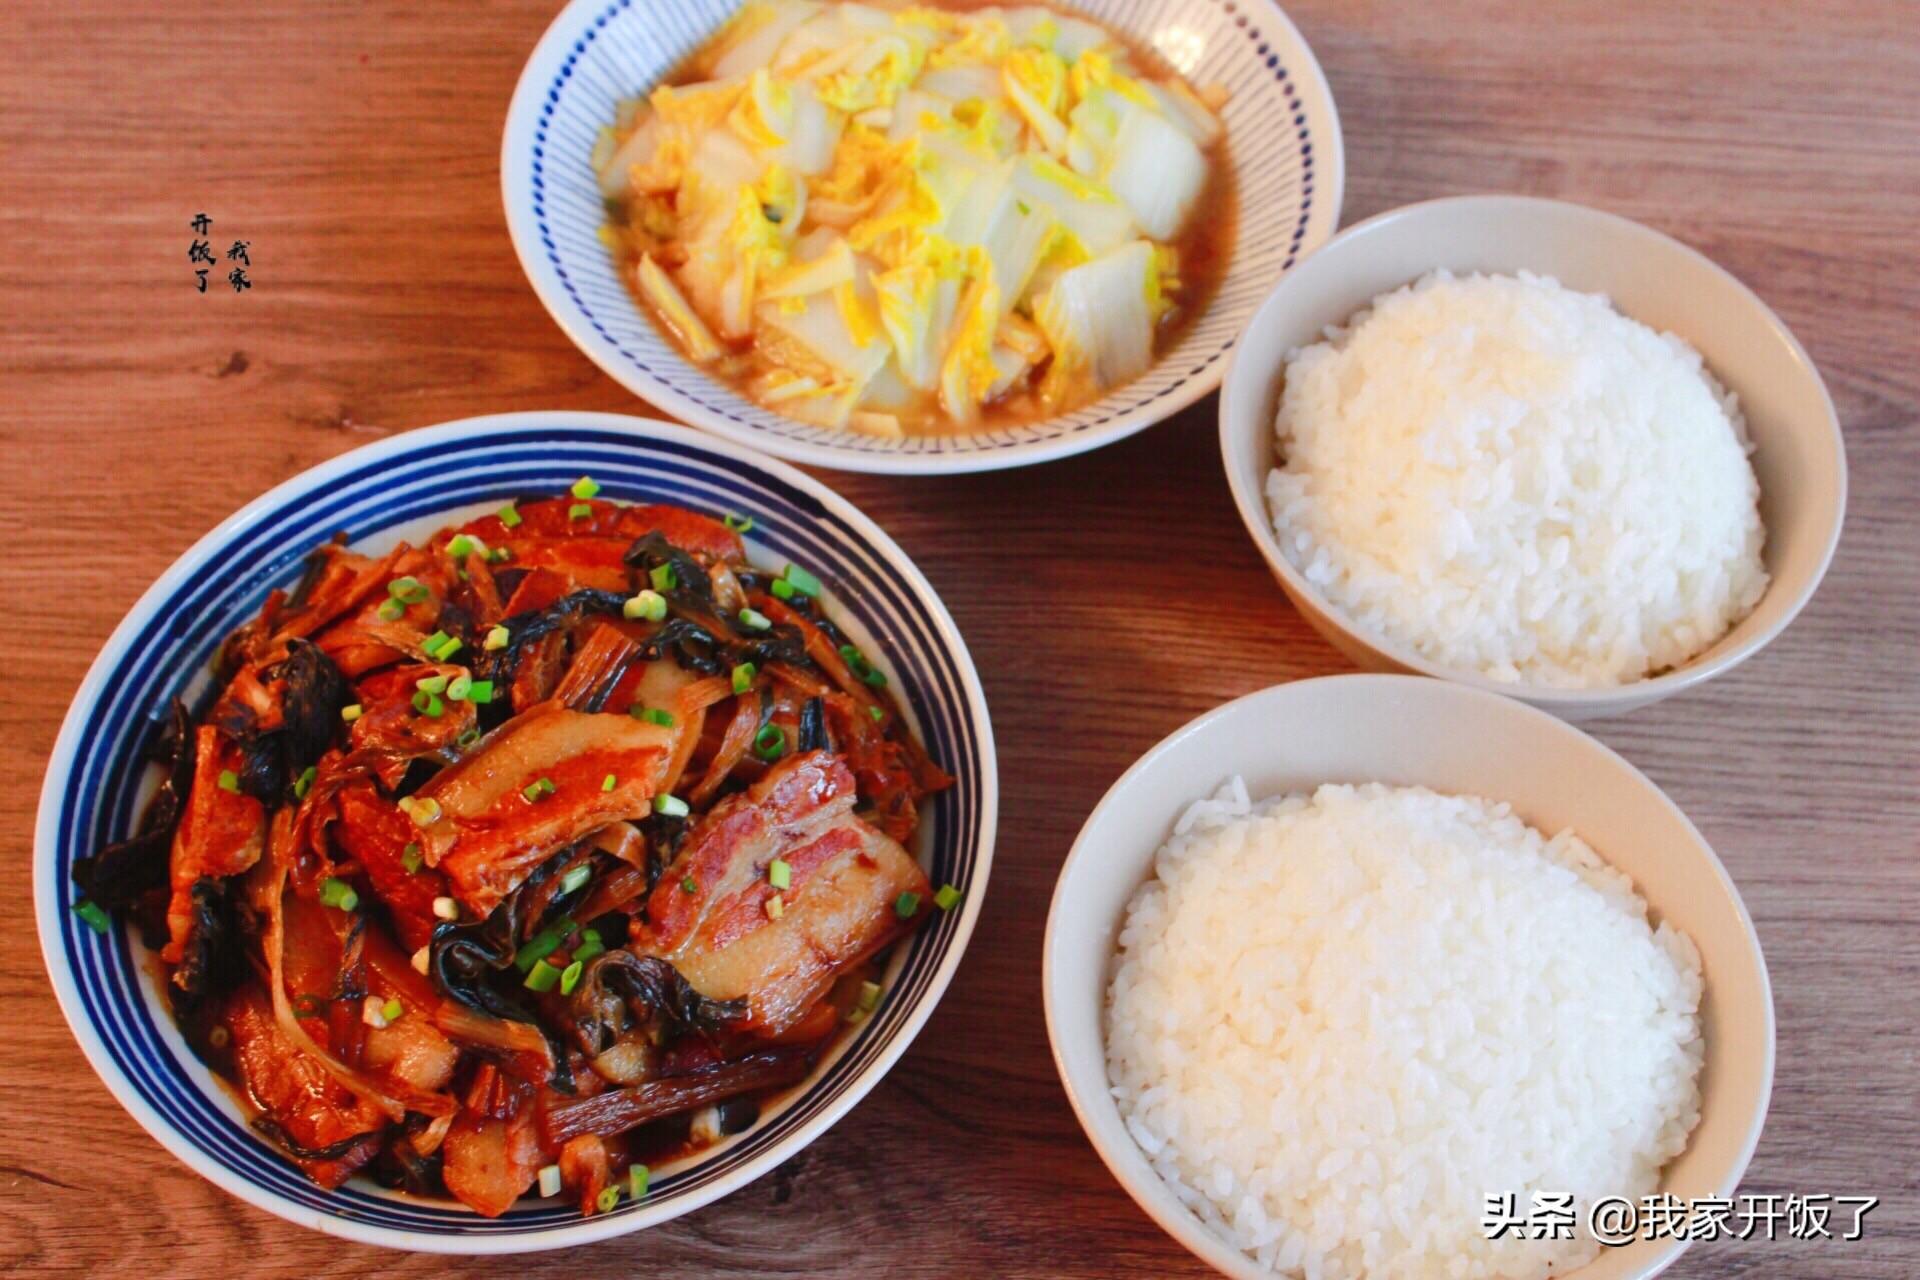 我家一周的午餐,没有大鱼大肉,每道菜都很合胃口,顿顿不重样 午餐 第2张